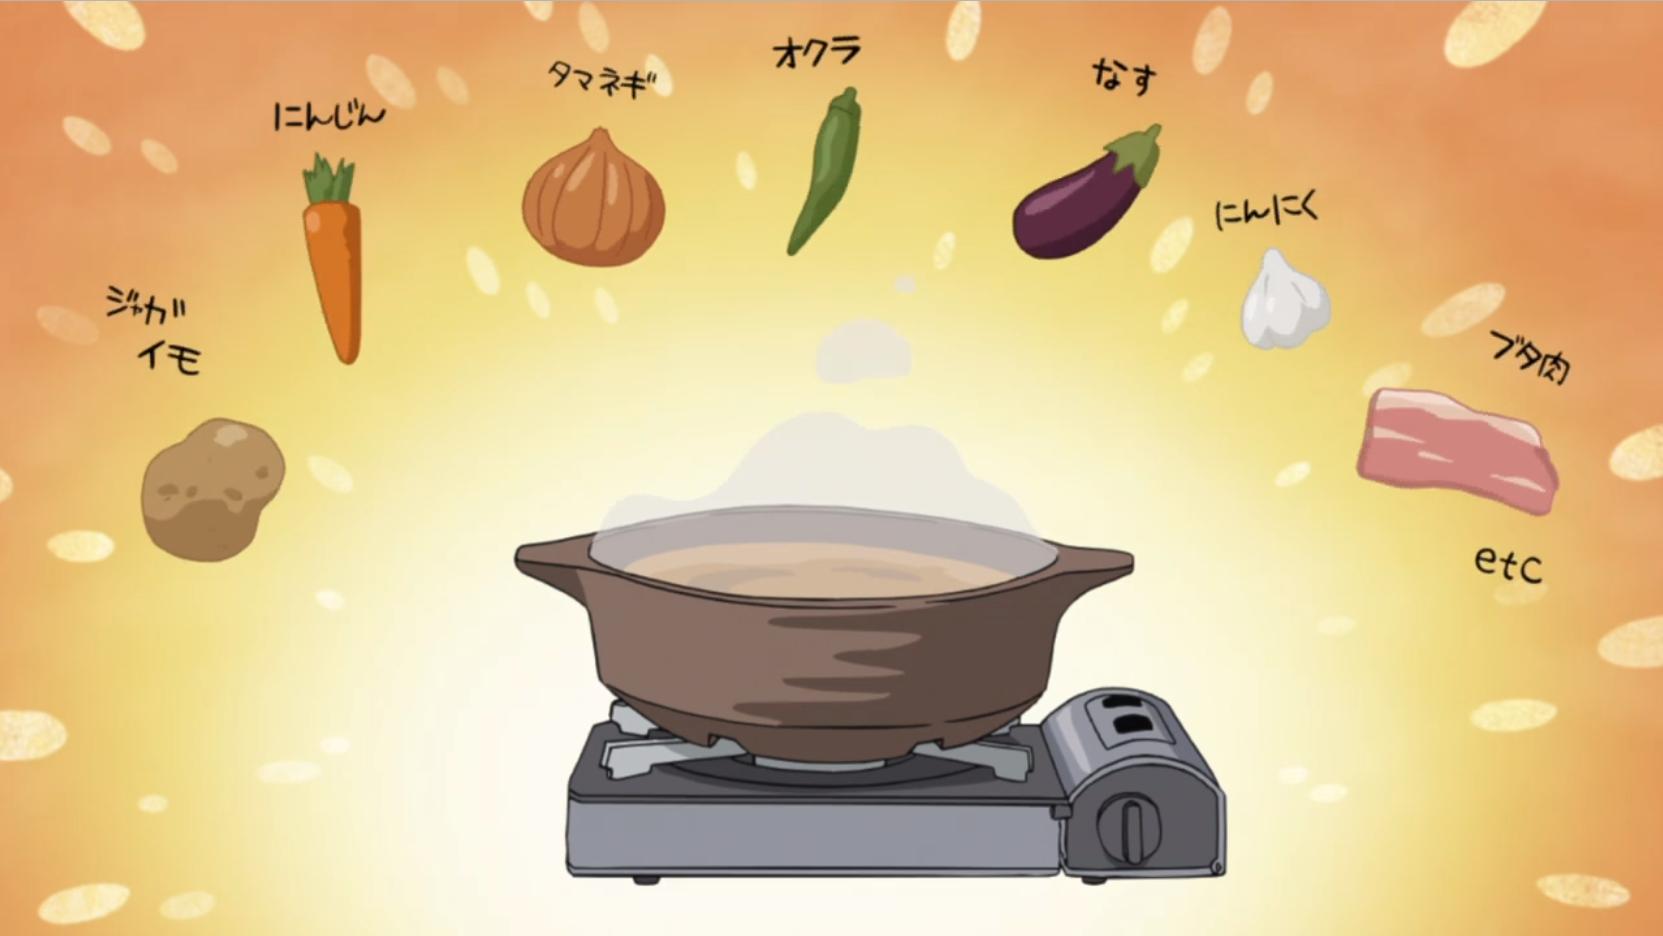 アニメ『ゆるキャン△』5話のなでしこが土鍋で作る豚骨煮込みカレーの作り方